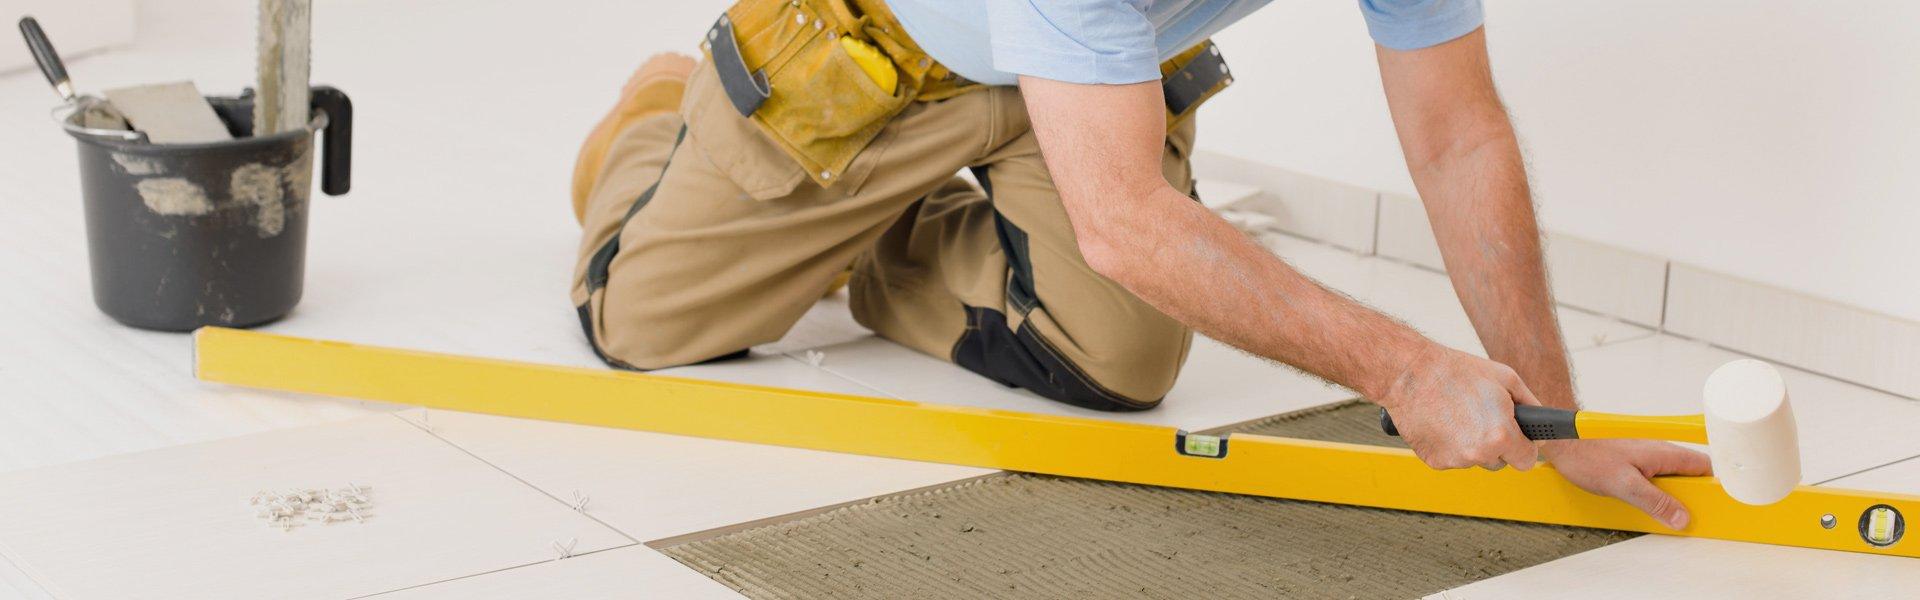 Snickare mäter golvet